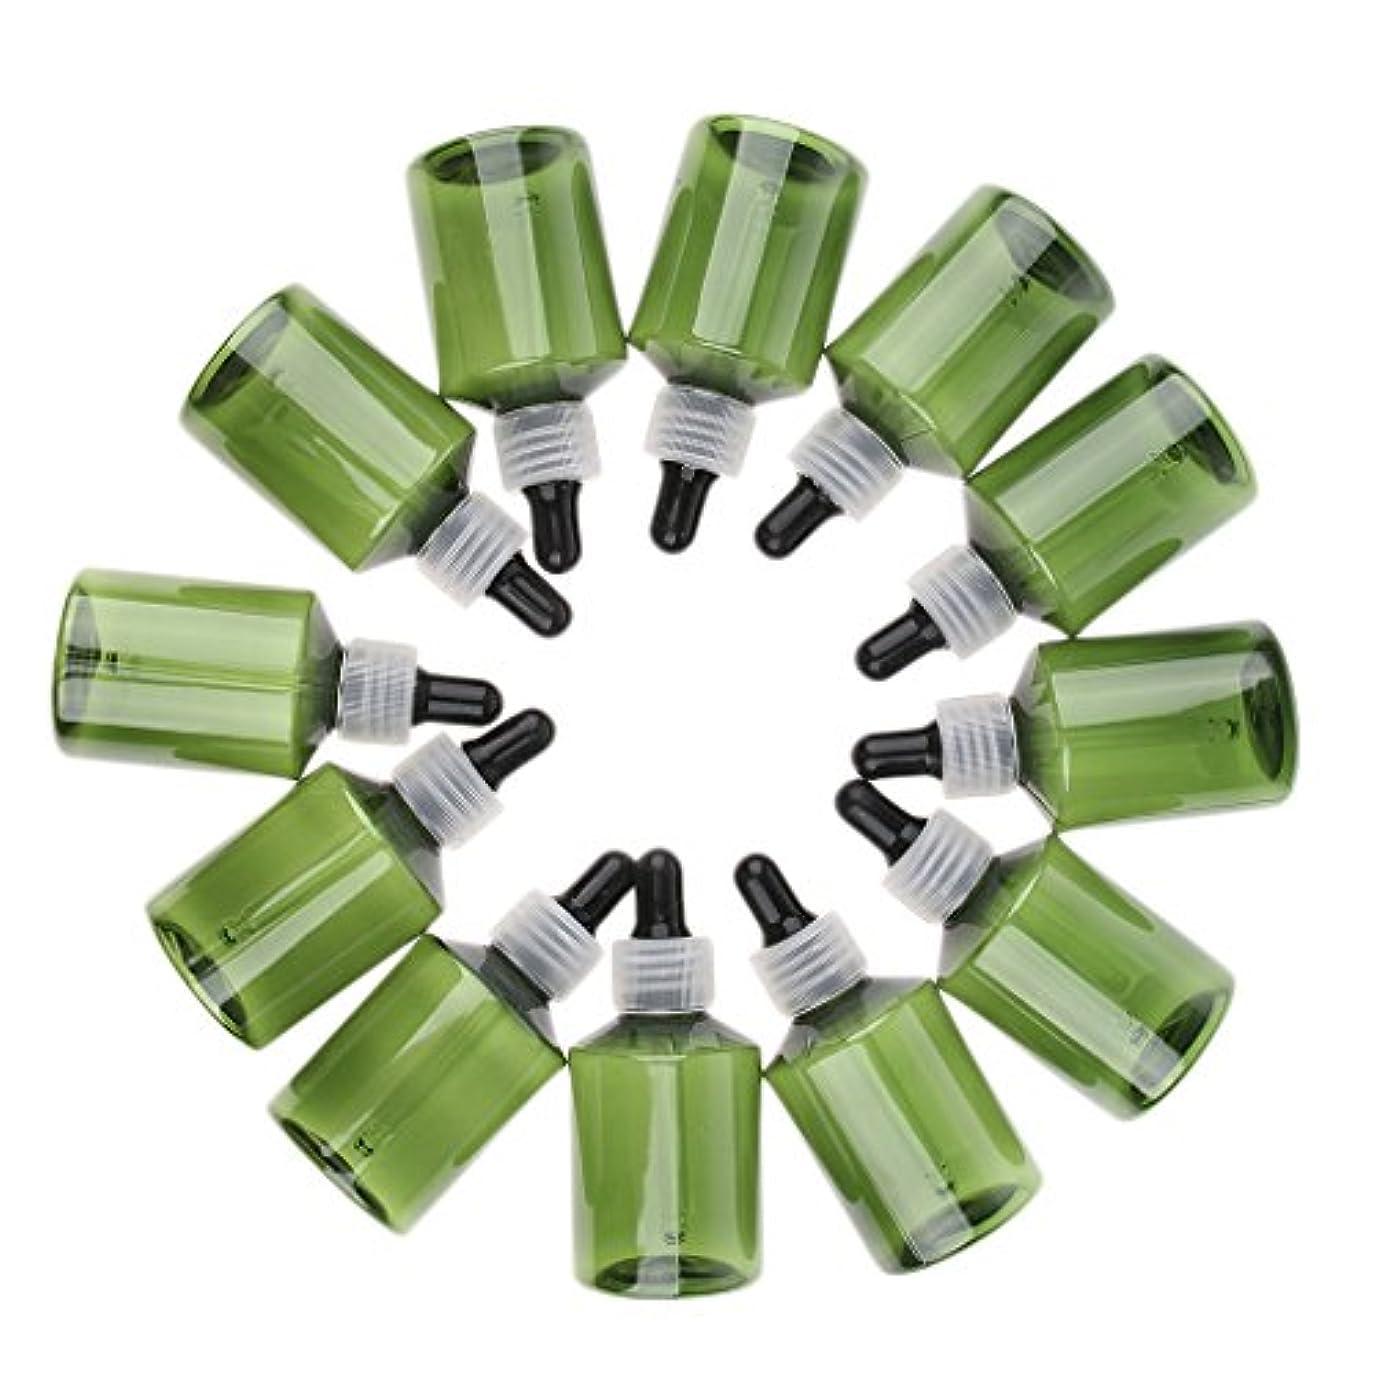 昨日文句を言う正直ドロッパーボトル エッセンシャルオイル 精油ボトル 小分け容器 詰め替え 50ml 6仕様選べ - クリアキャップブラックドロッパー